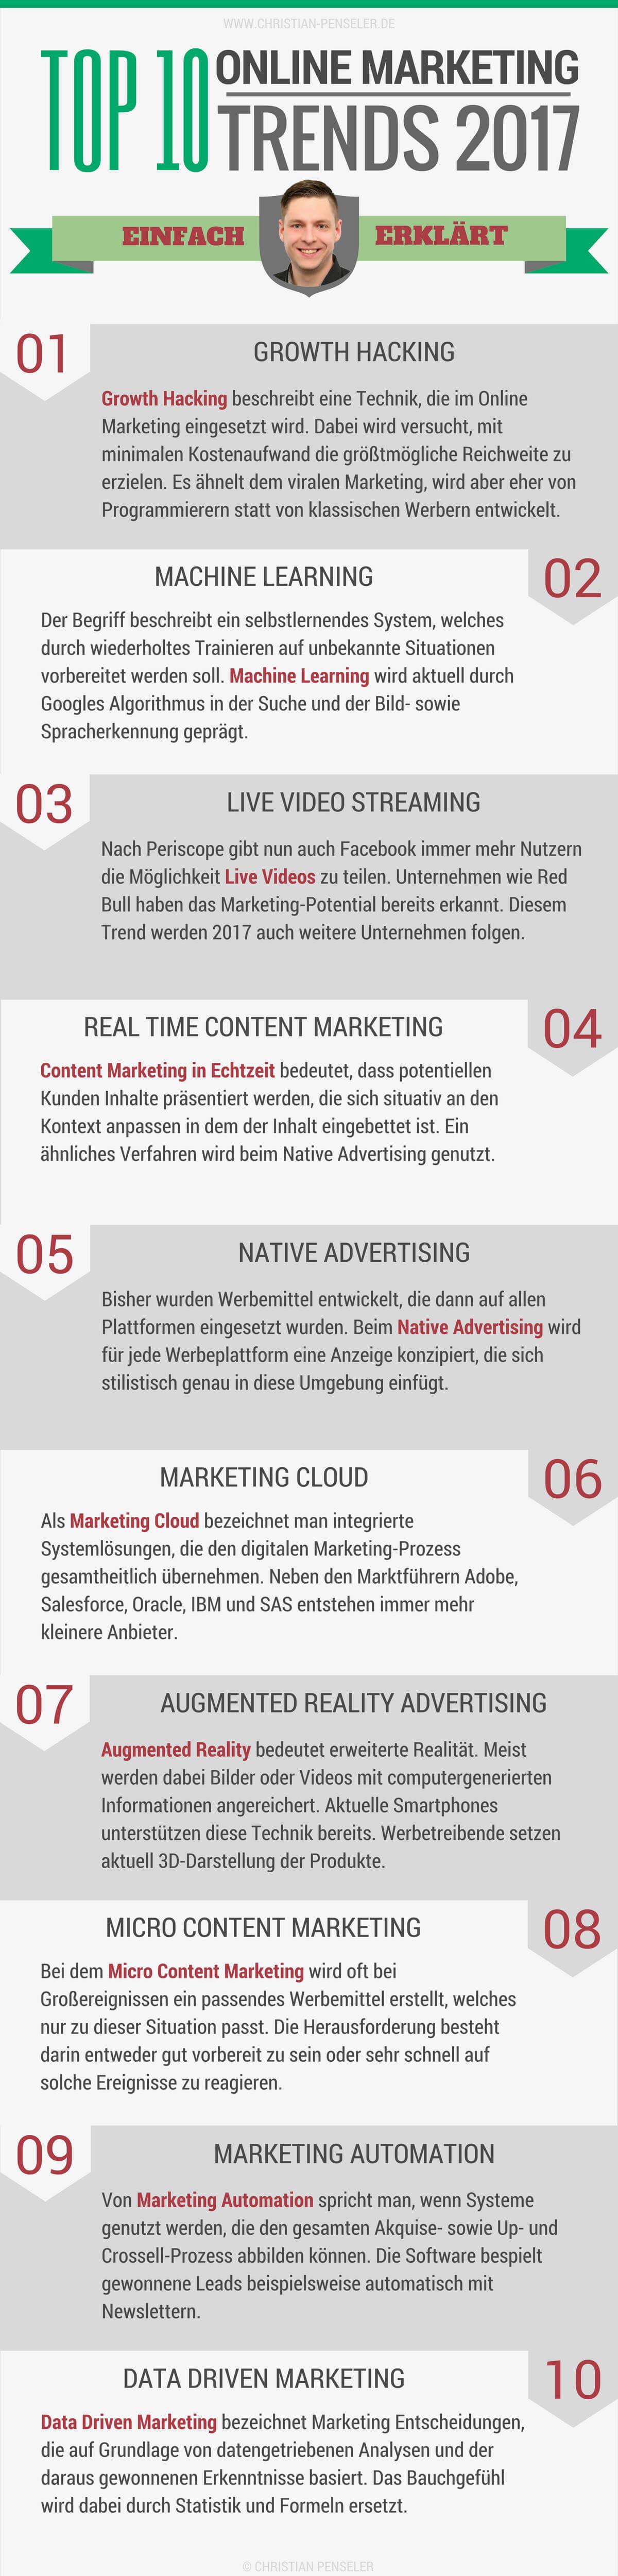 Infografik: Top 10 Online Marketing Trends 2017